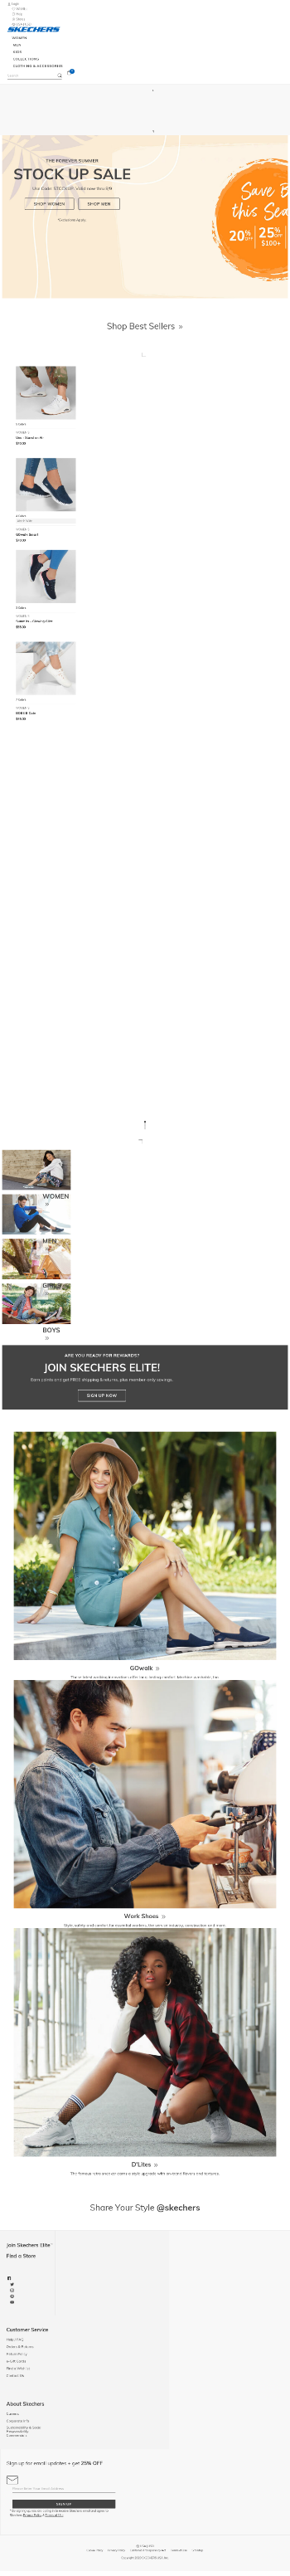 Skechers U.S.A., Inc. Website Screenshot